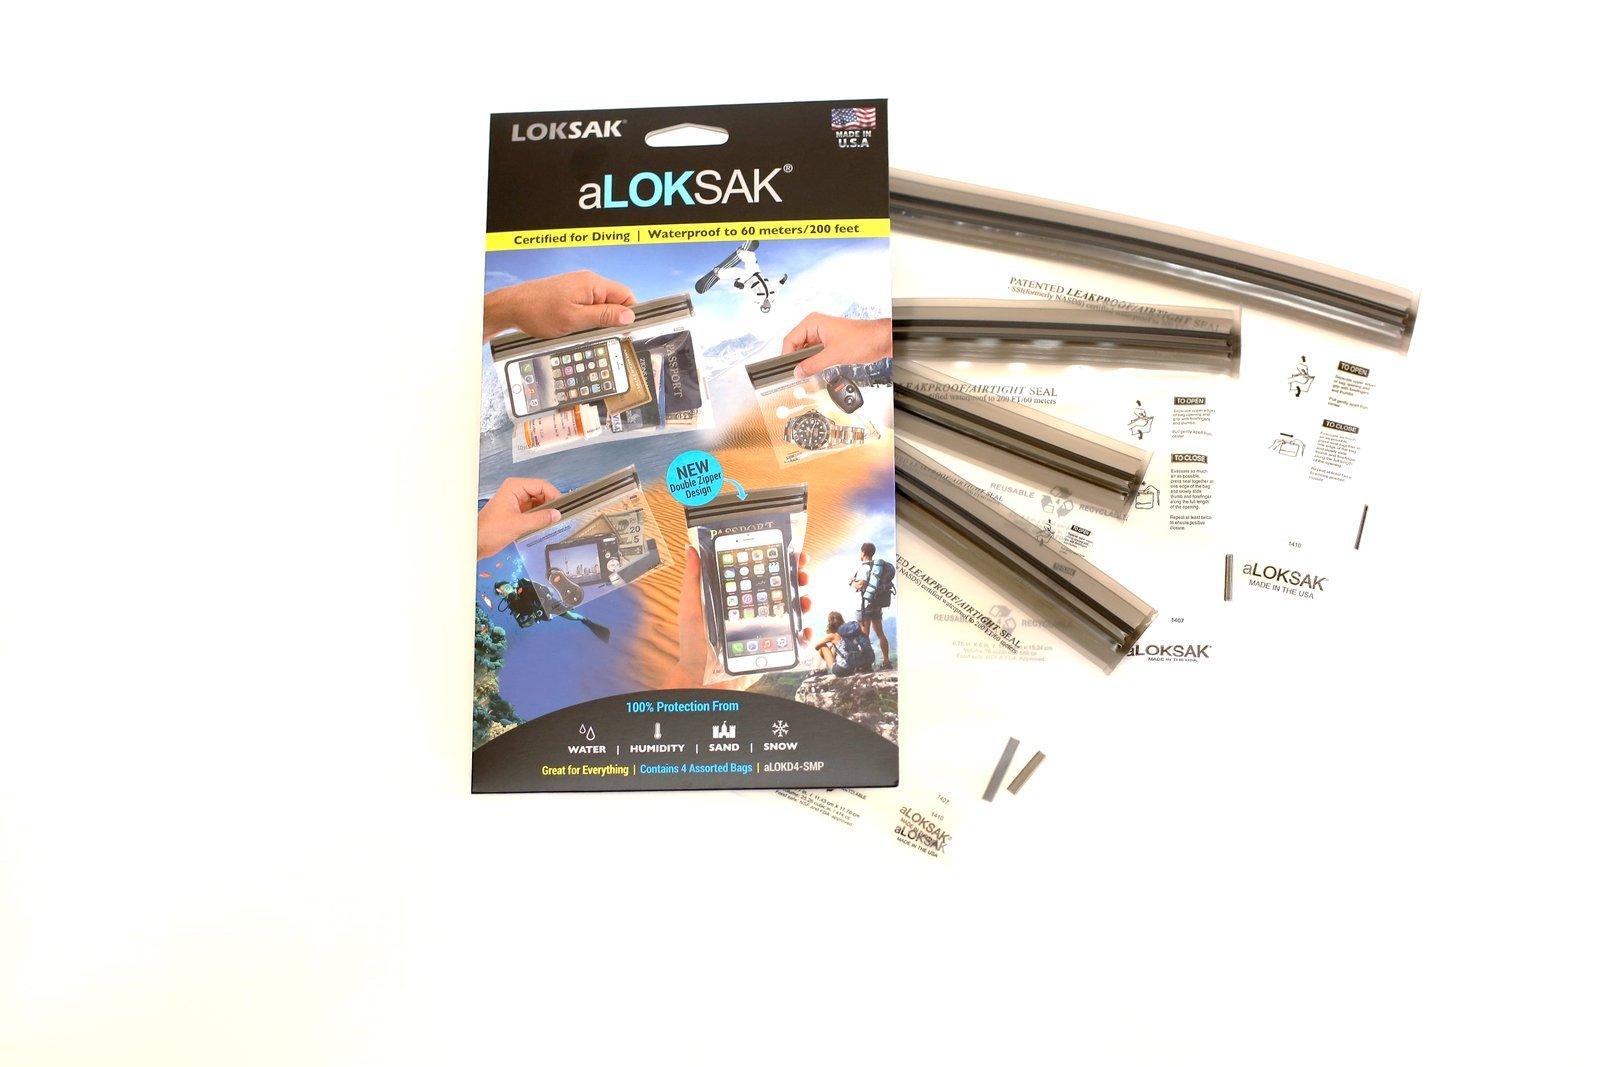 aLOKSAK LOKSAK Waterproof Bags - Small Multipack (4.75'' x 4'', 4''x 6.5'', 6.25''x 5.25'',8.4''x 5.25'',8.4''x 5.25'')